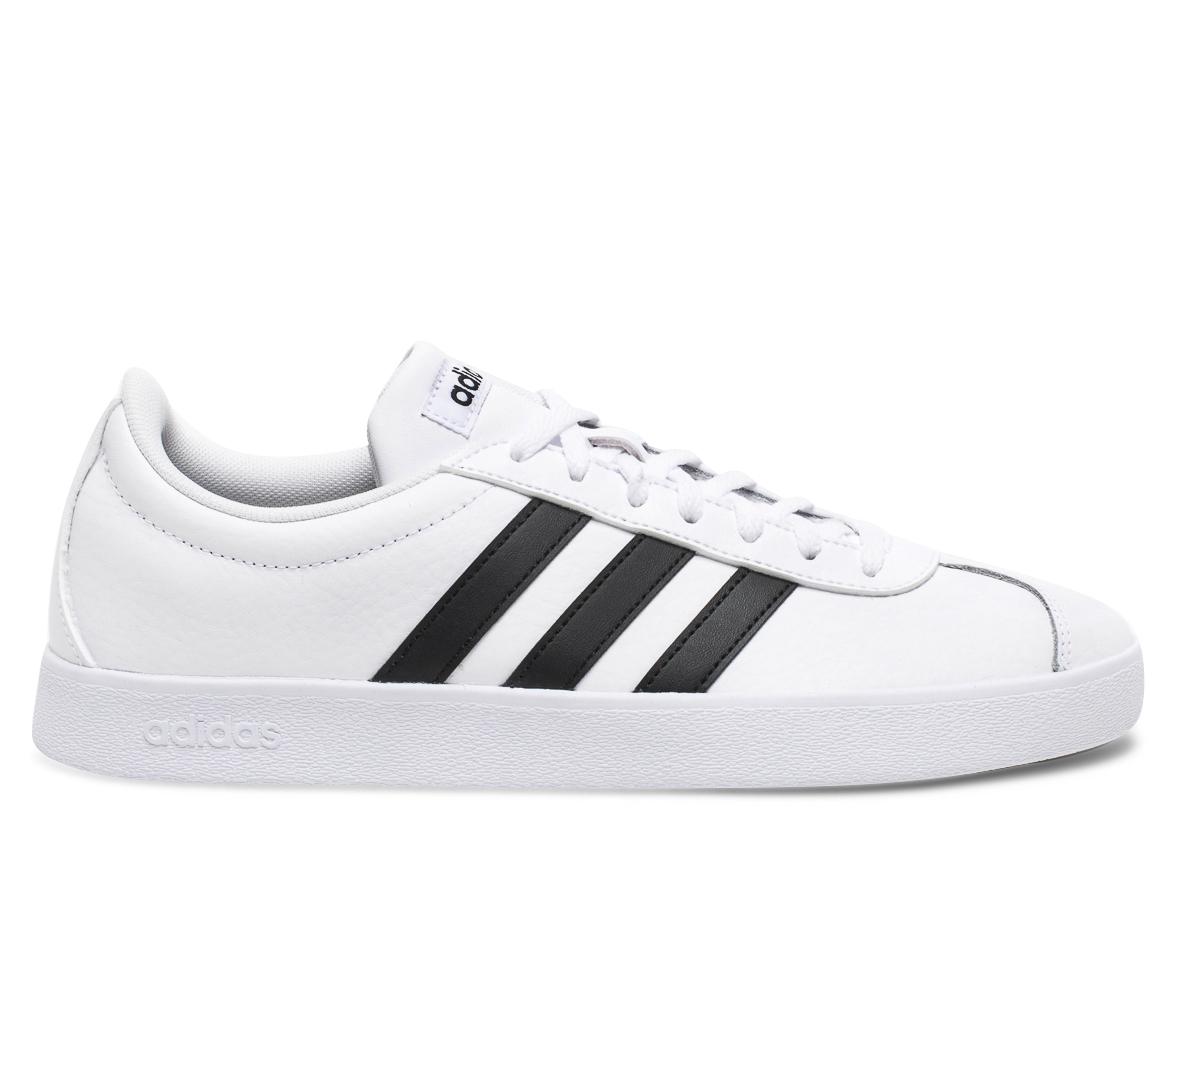 Et Blanche Adidas Blanche Adidas Tennis Et Noire Tennis E9WHID2eY